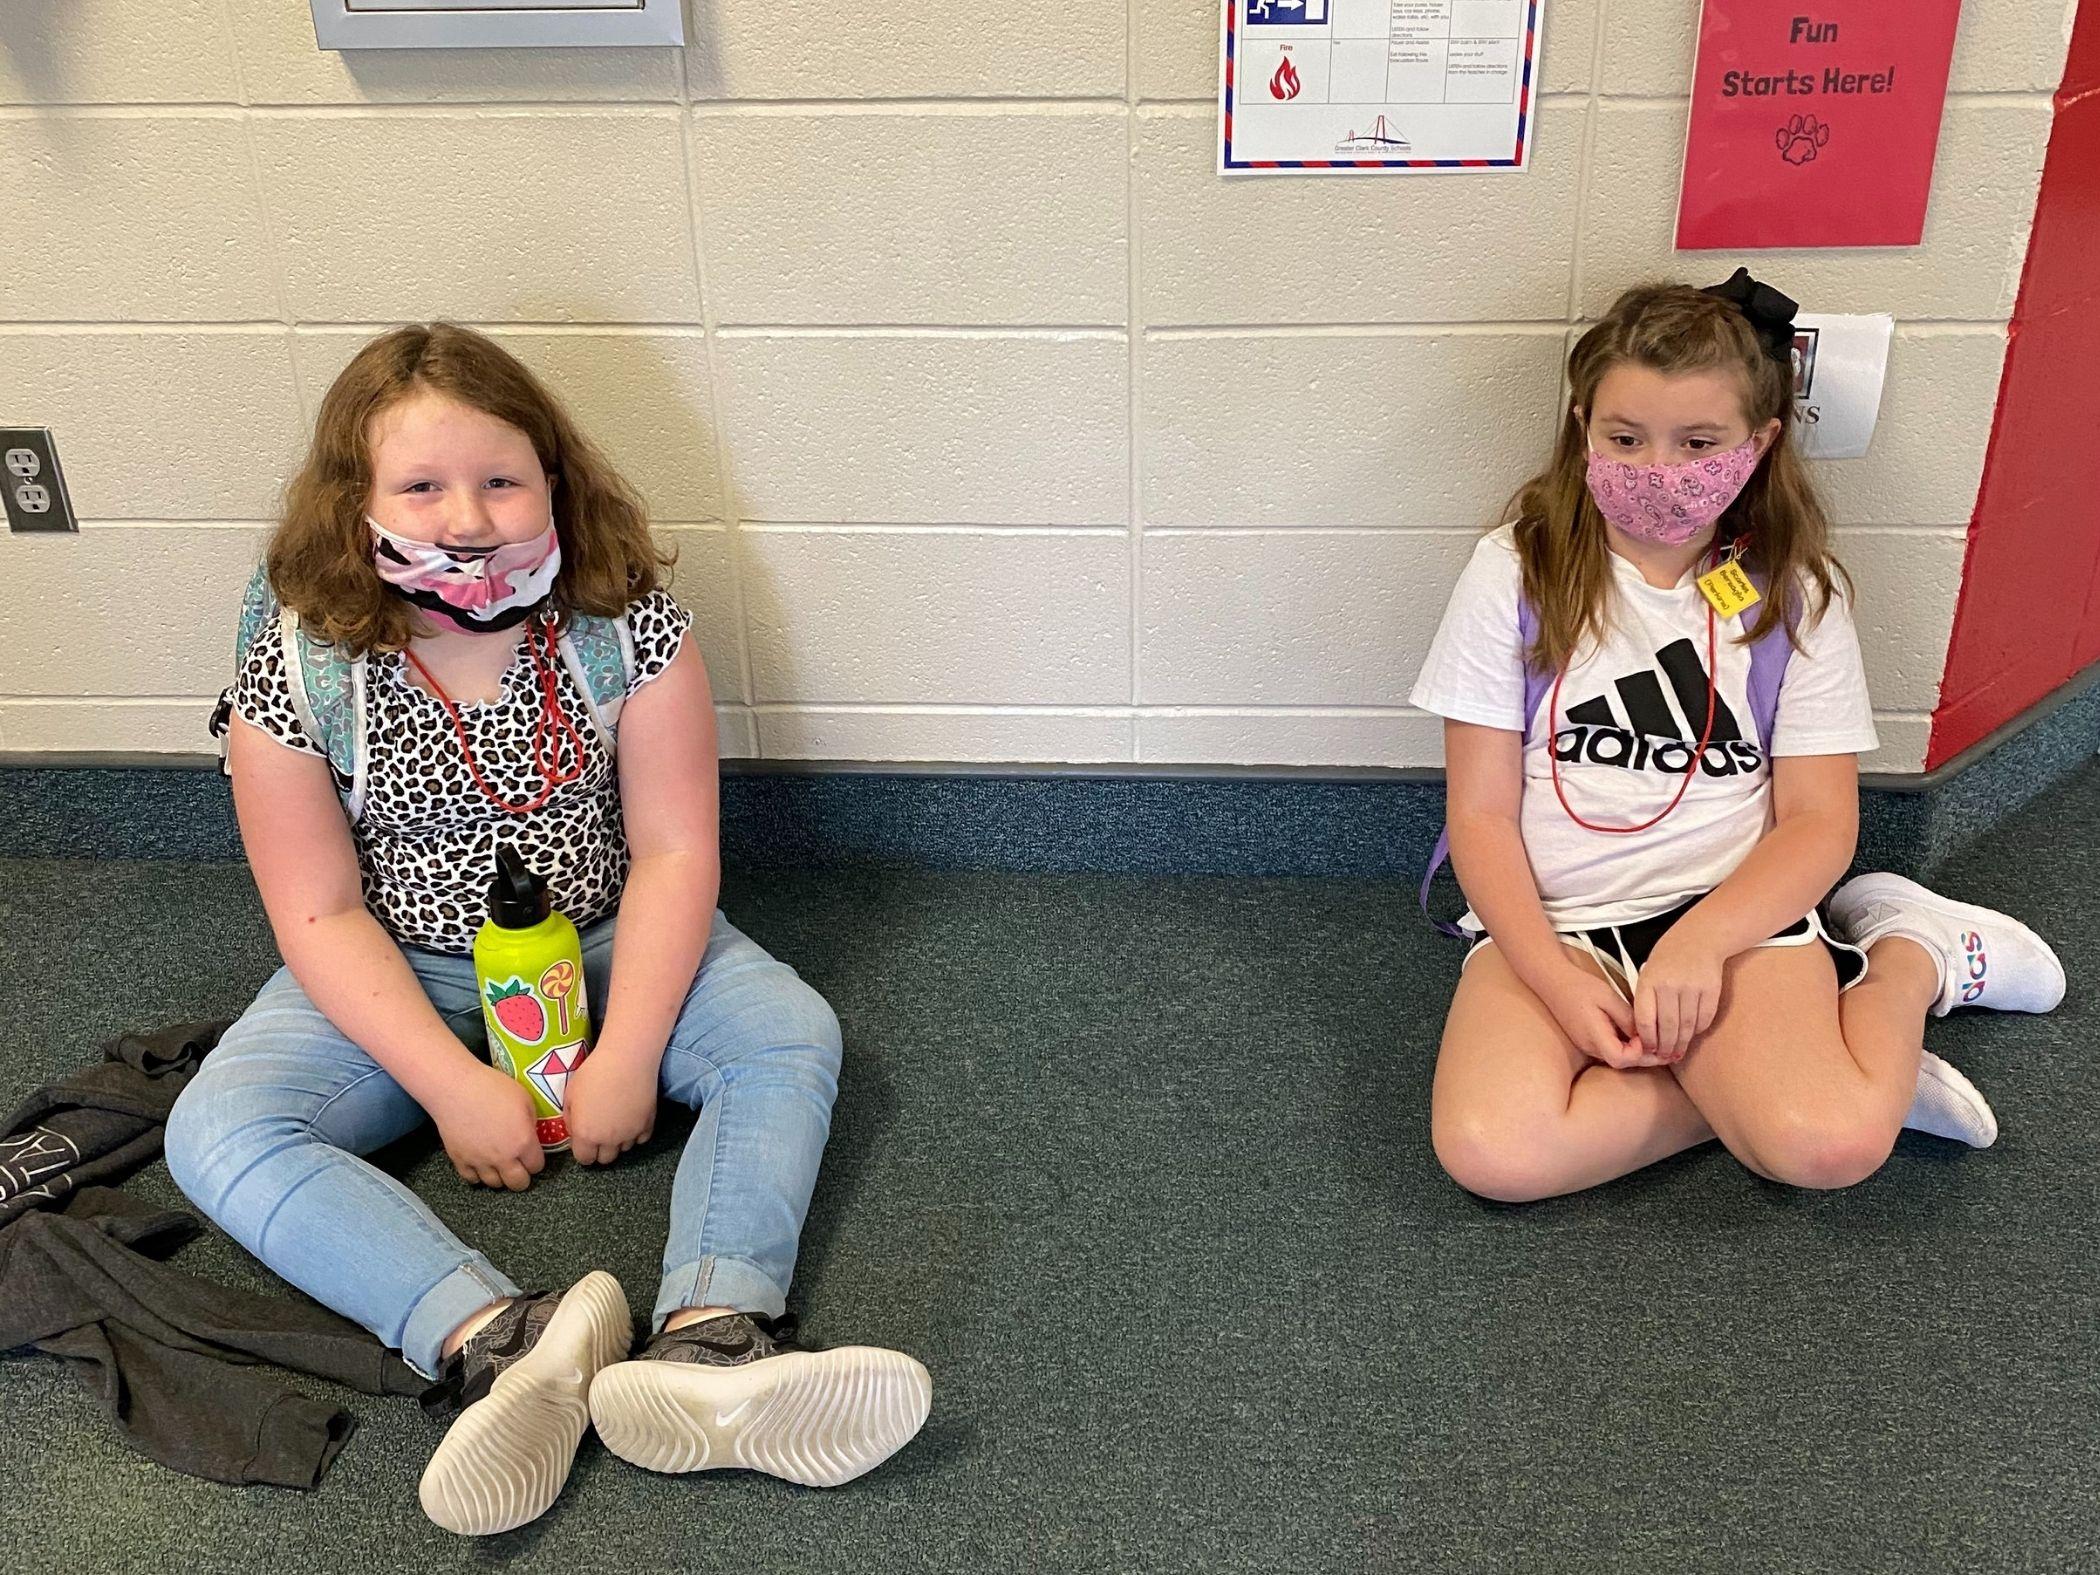 Two children wait in the hallway